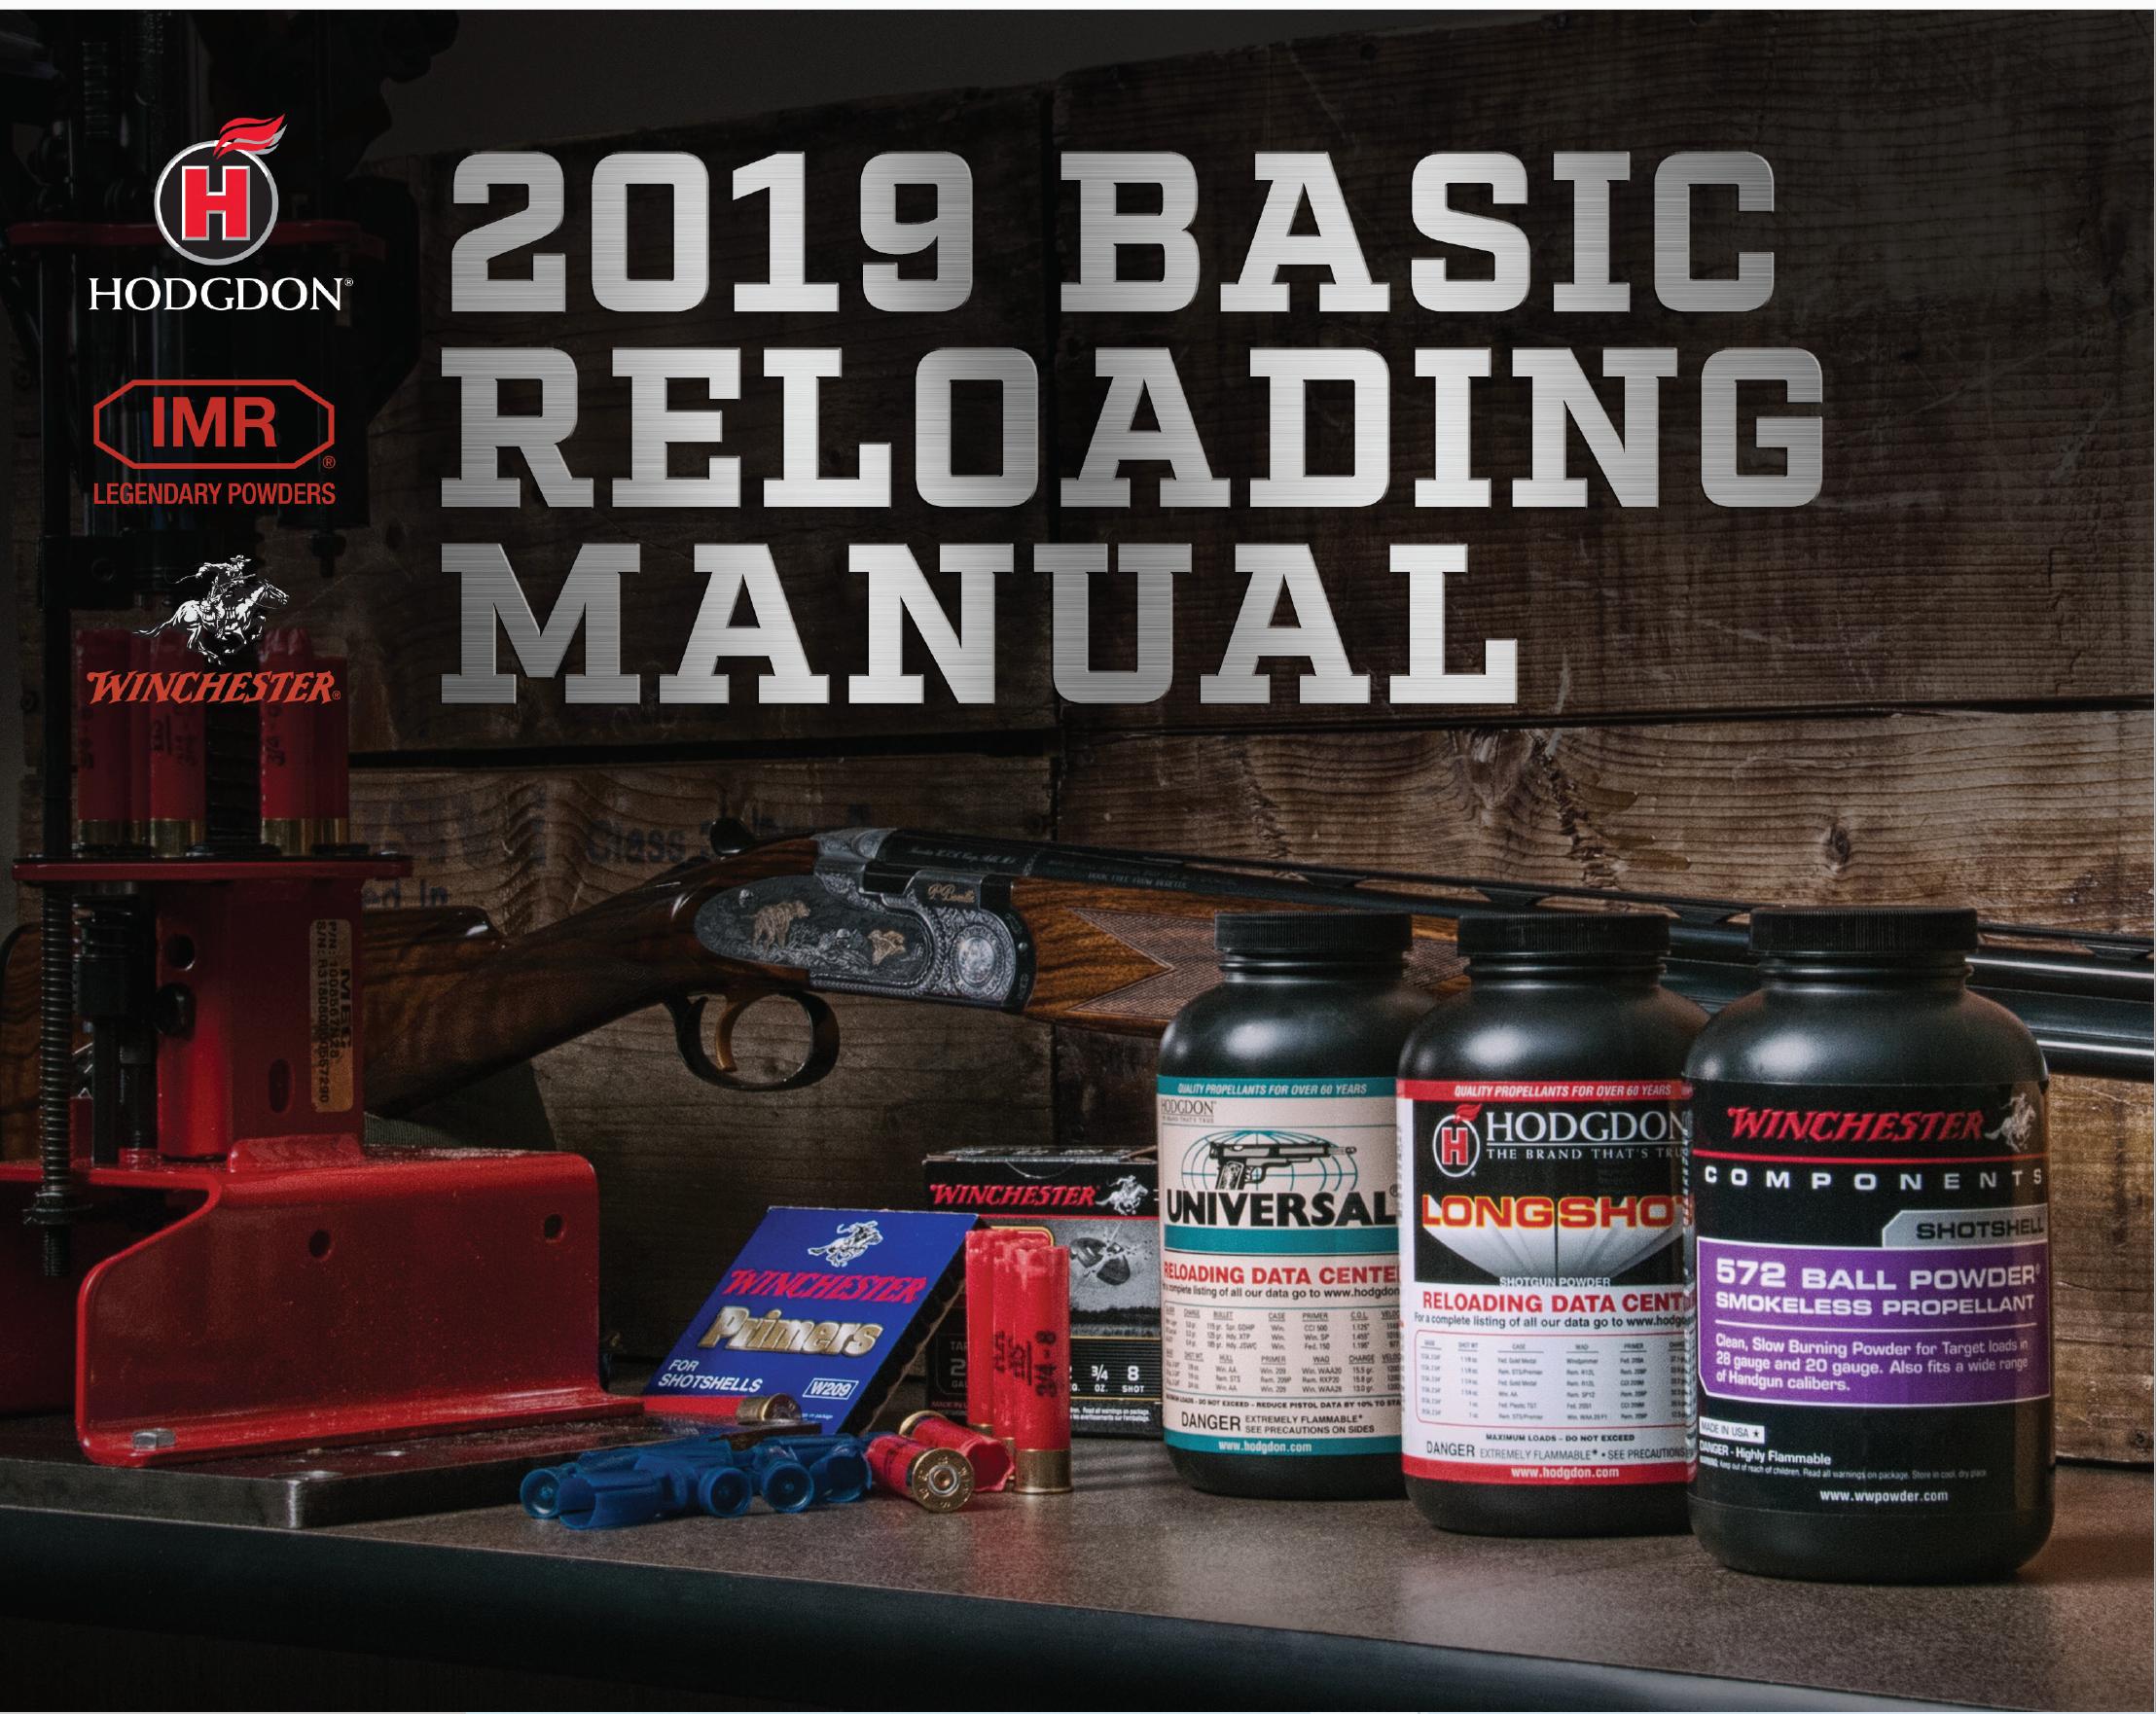 Hodgon Reloading Guide 2019